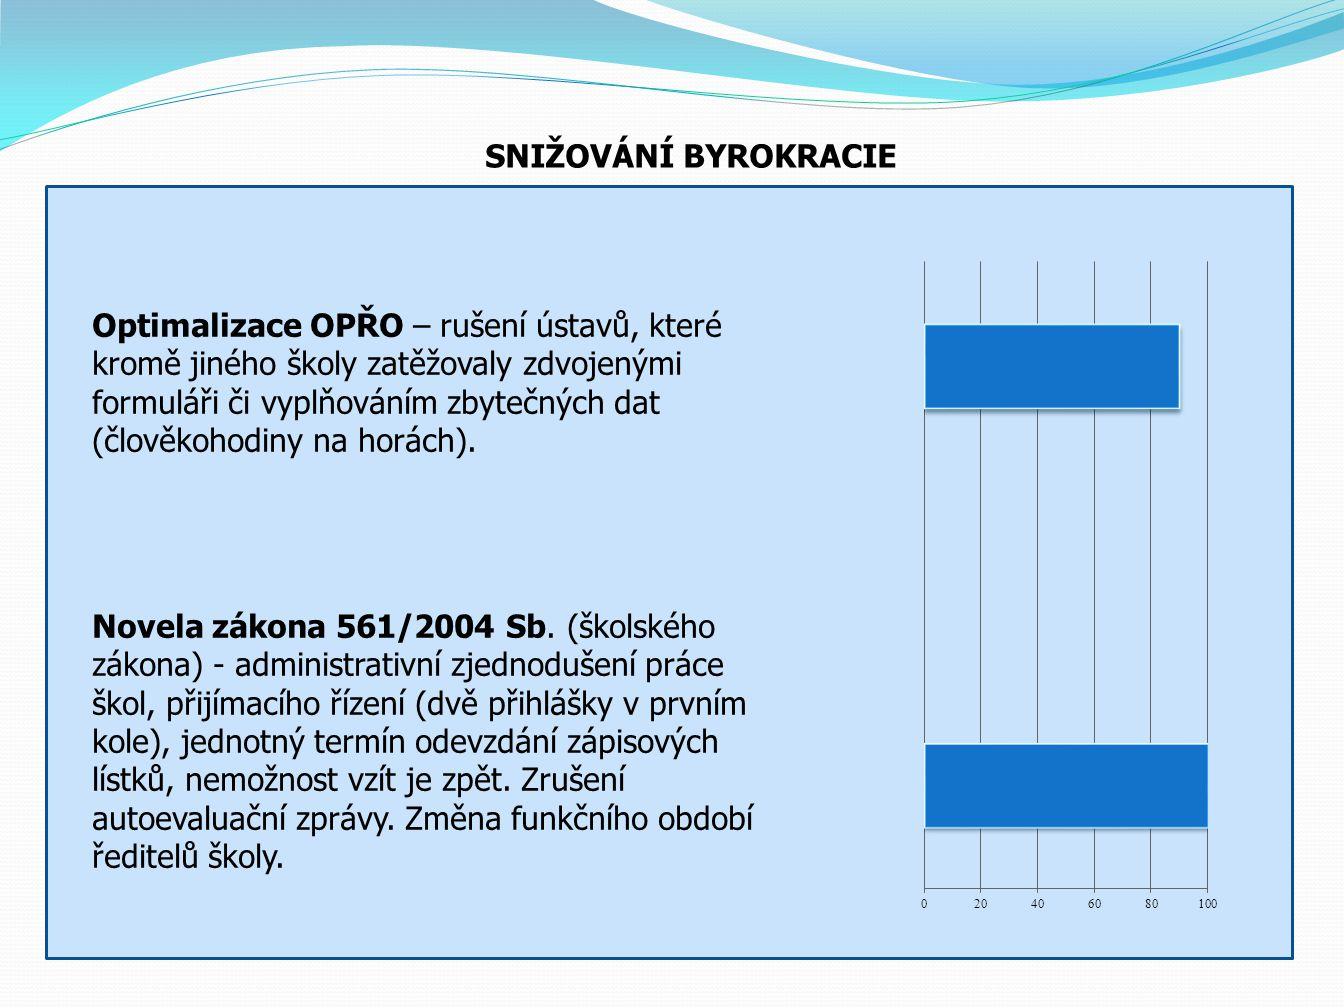 PODPORA PEDAGOGŮ 2011: 2,1 mld.